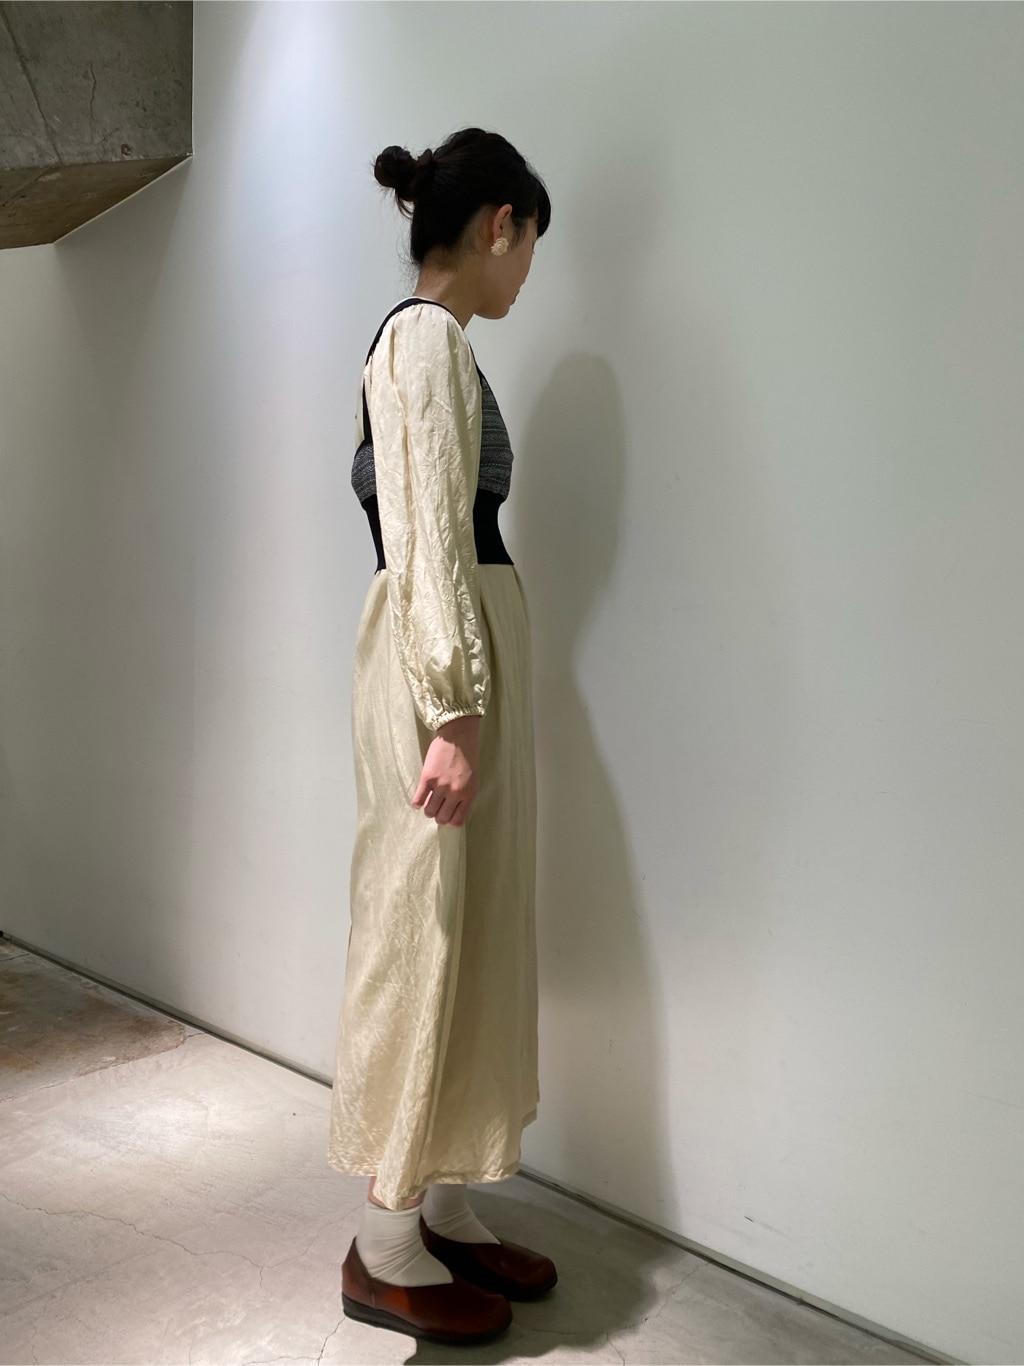 note et silence. 横浜ジョイナス 身長:168cm 2021.05.14